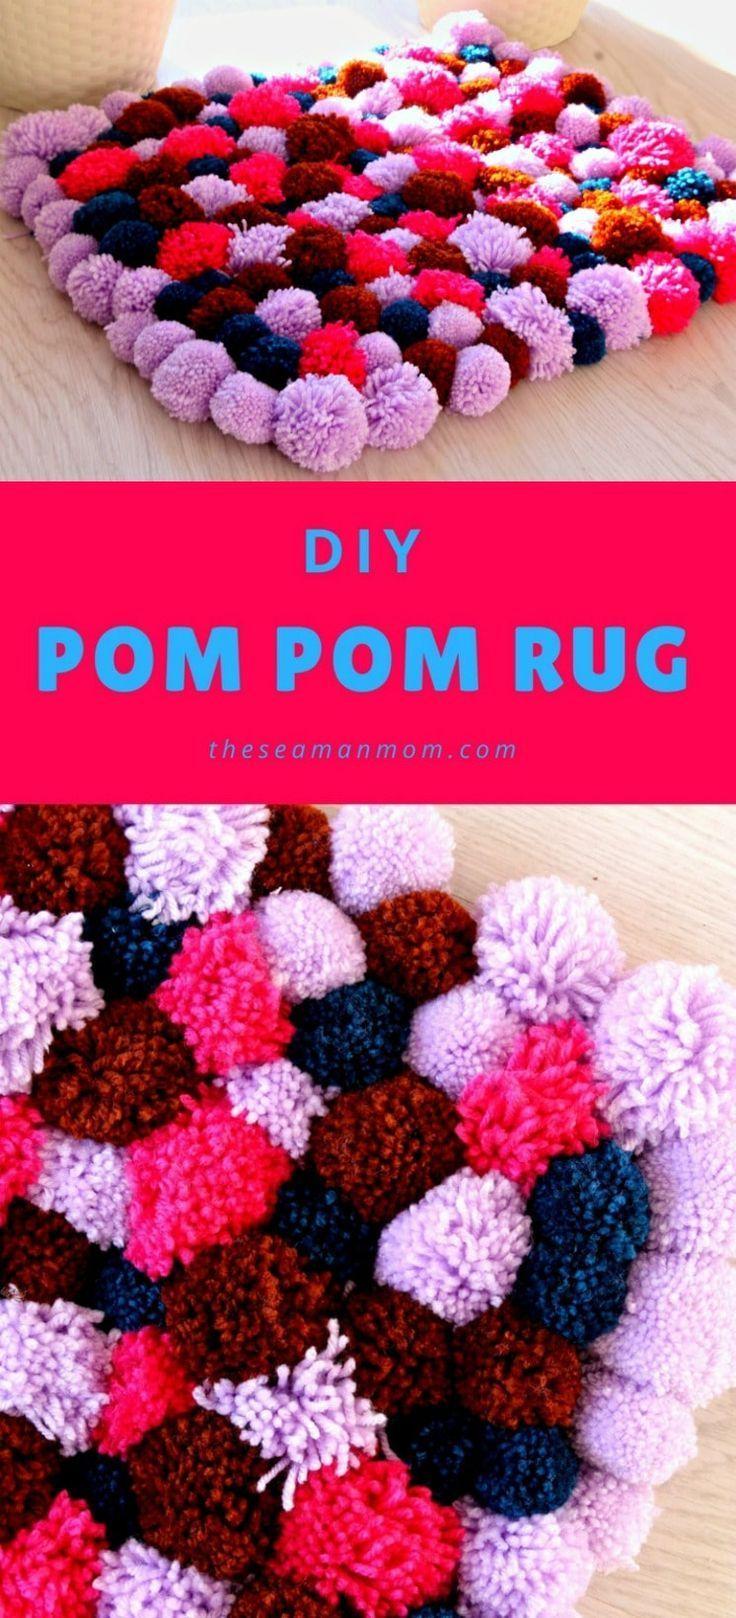 With Yarn Diy Crafts 40 Images Ideas Diy Pom Pom Rug Yarn Diy Pom Pom Rug